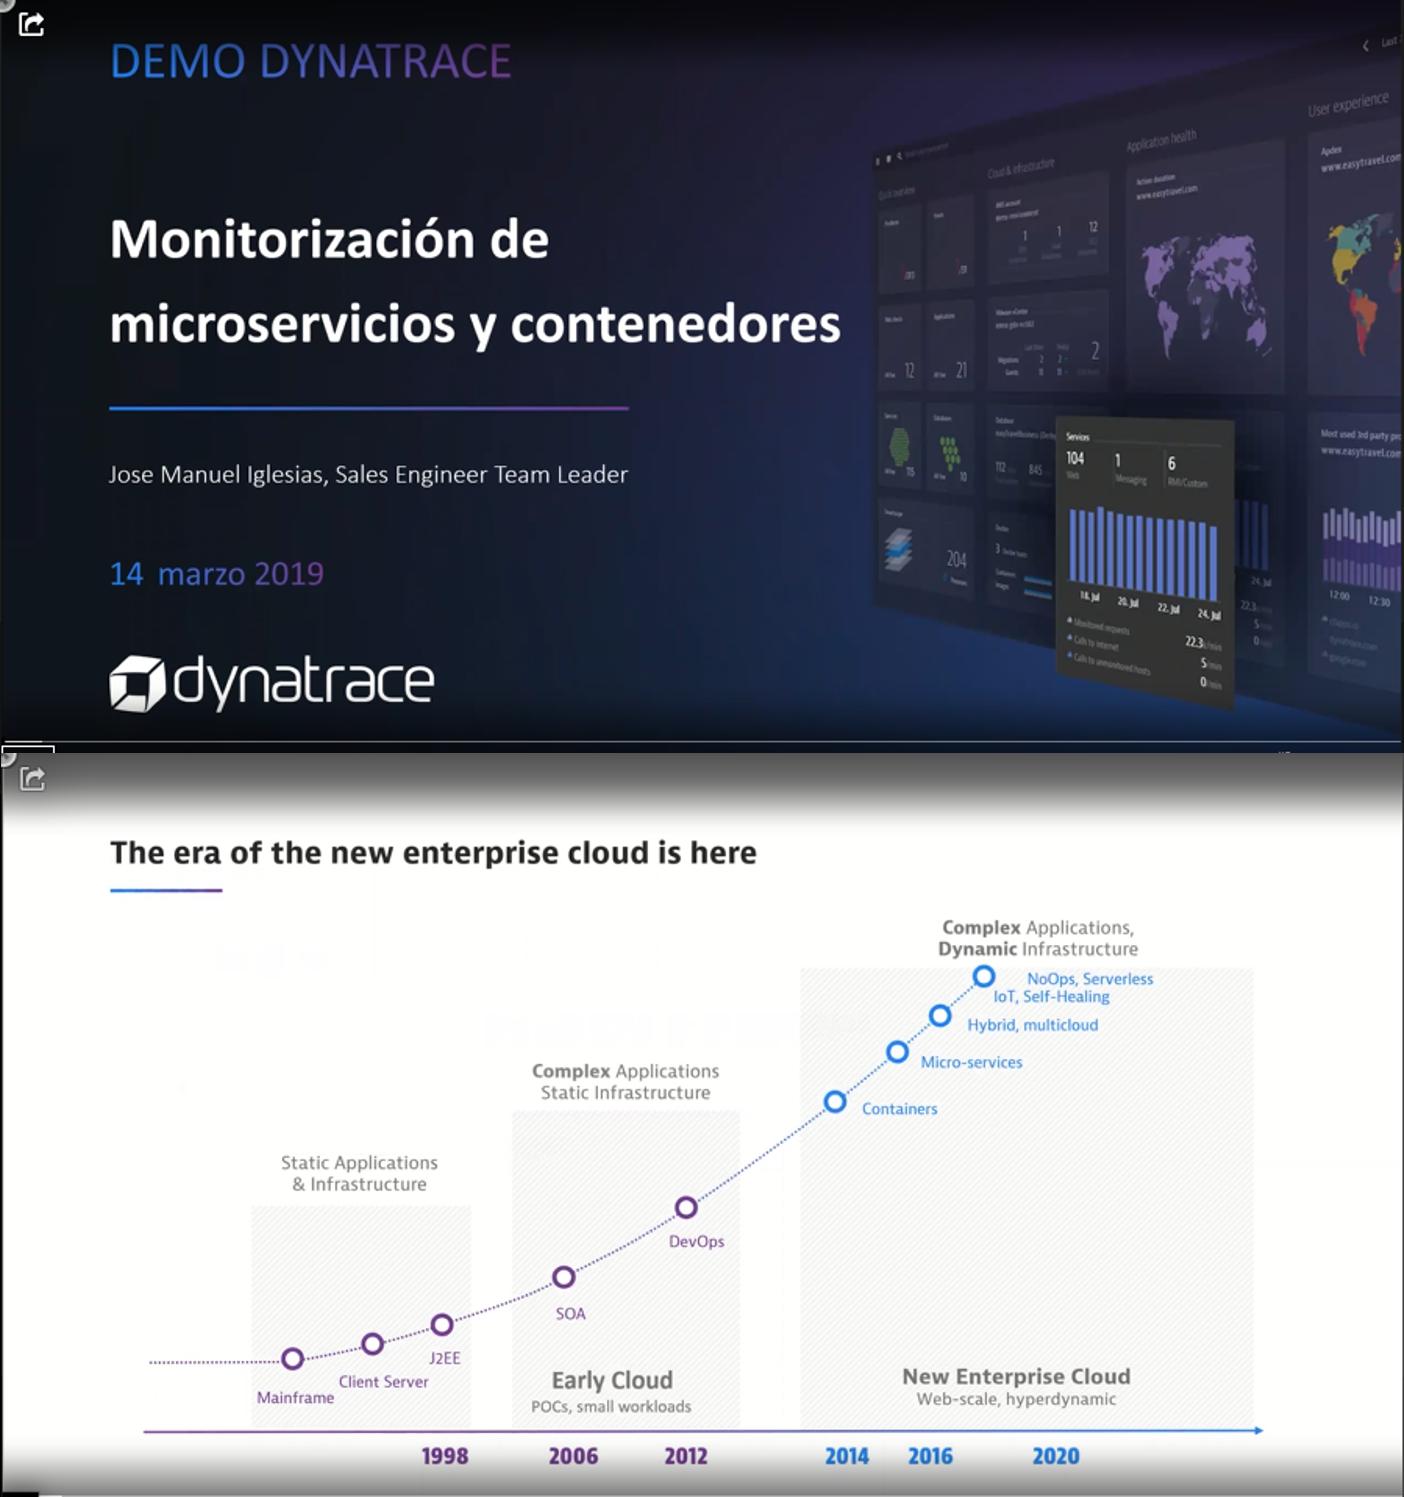 Demo Dynatrace: Monitorización de microservicios y contenedores